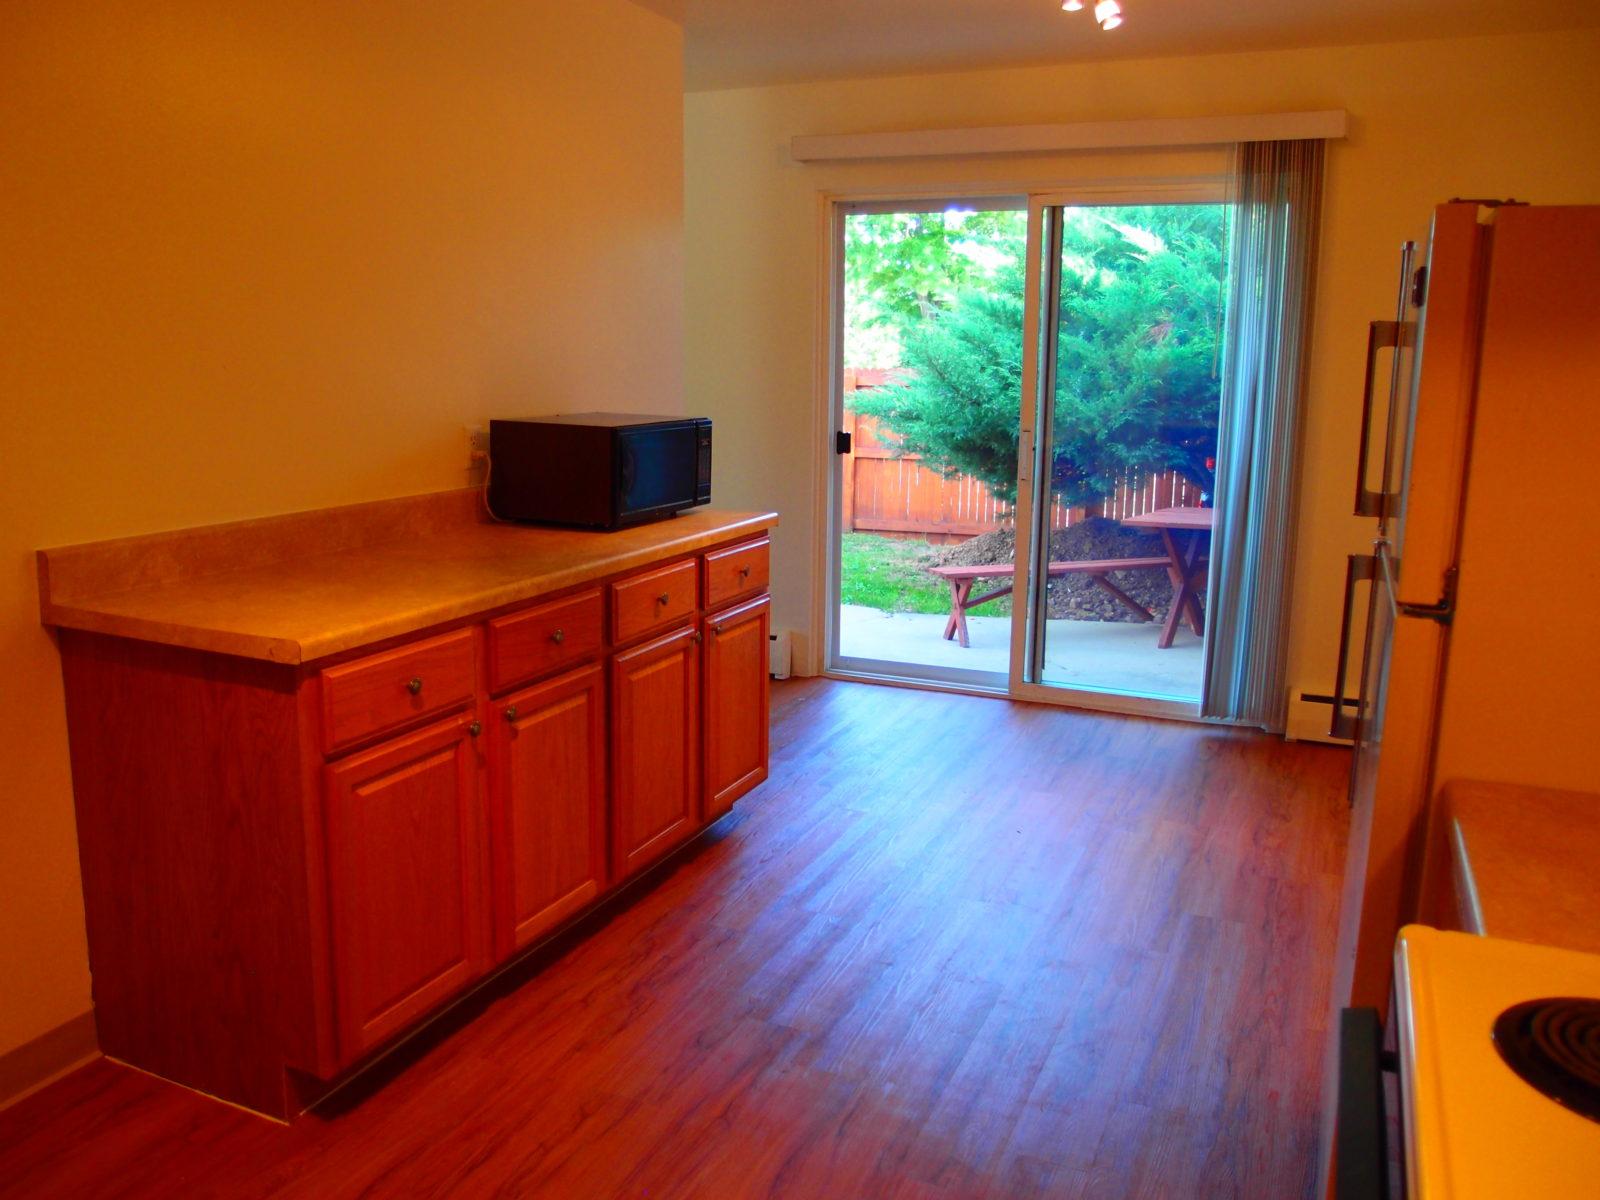 690 Kitchen Cabinets